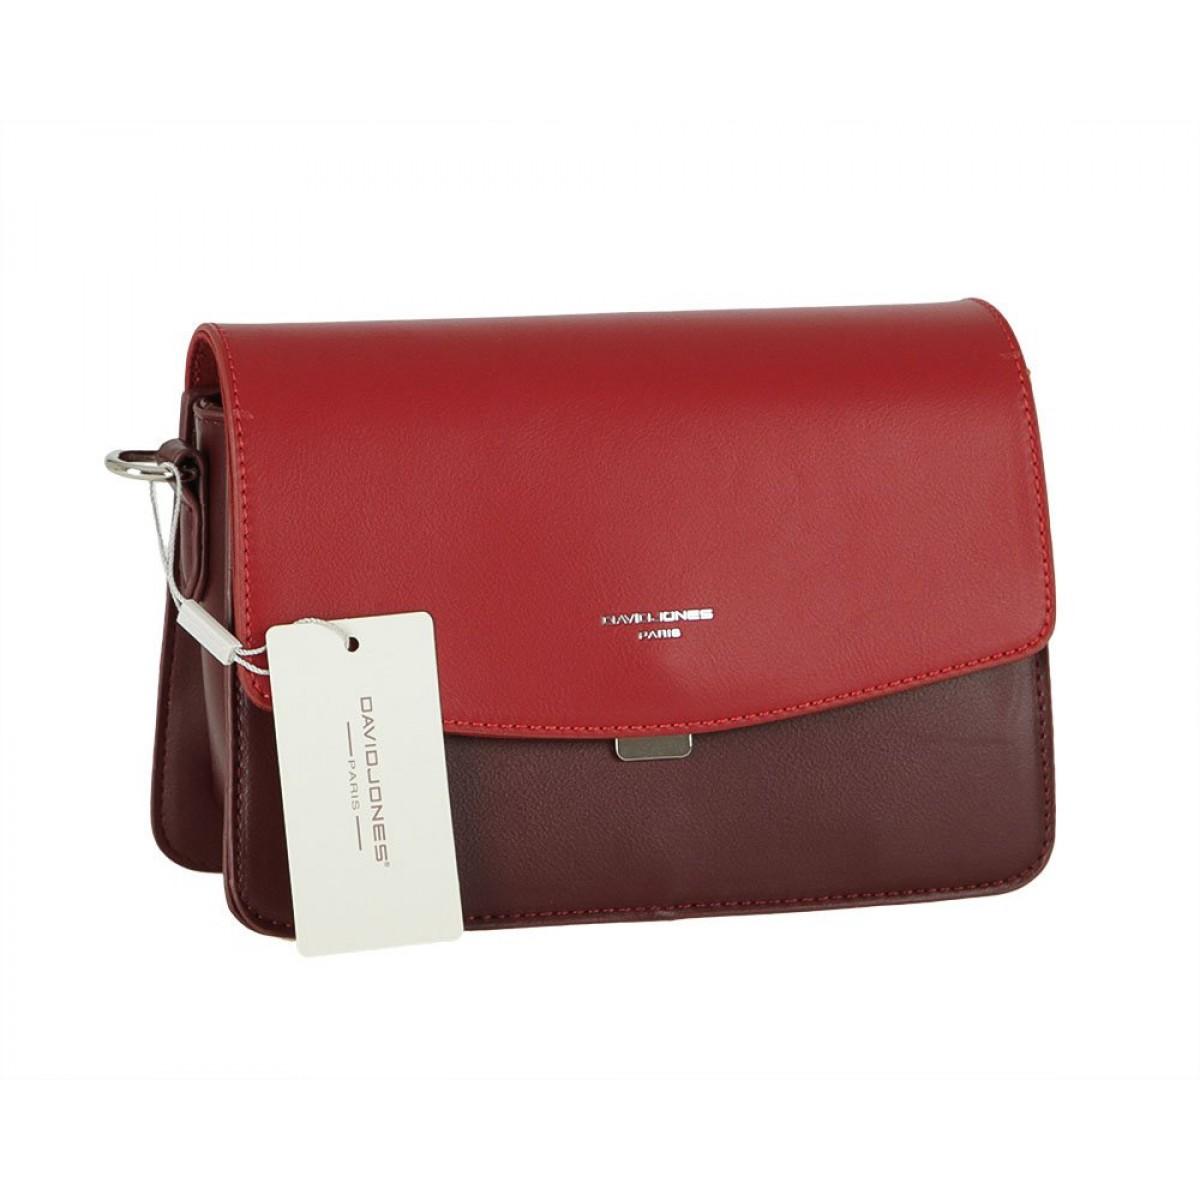 Жіноча сумка David Jones CM5825 DARK BORDEAUX